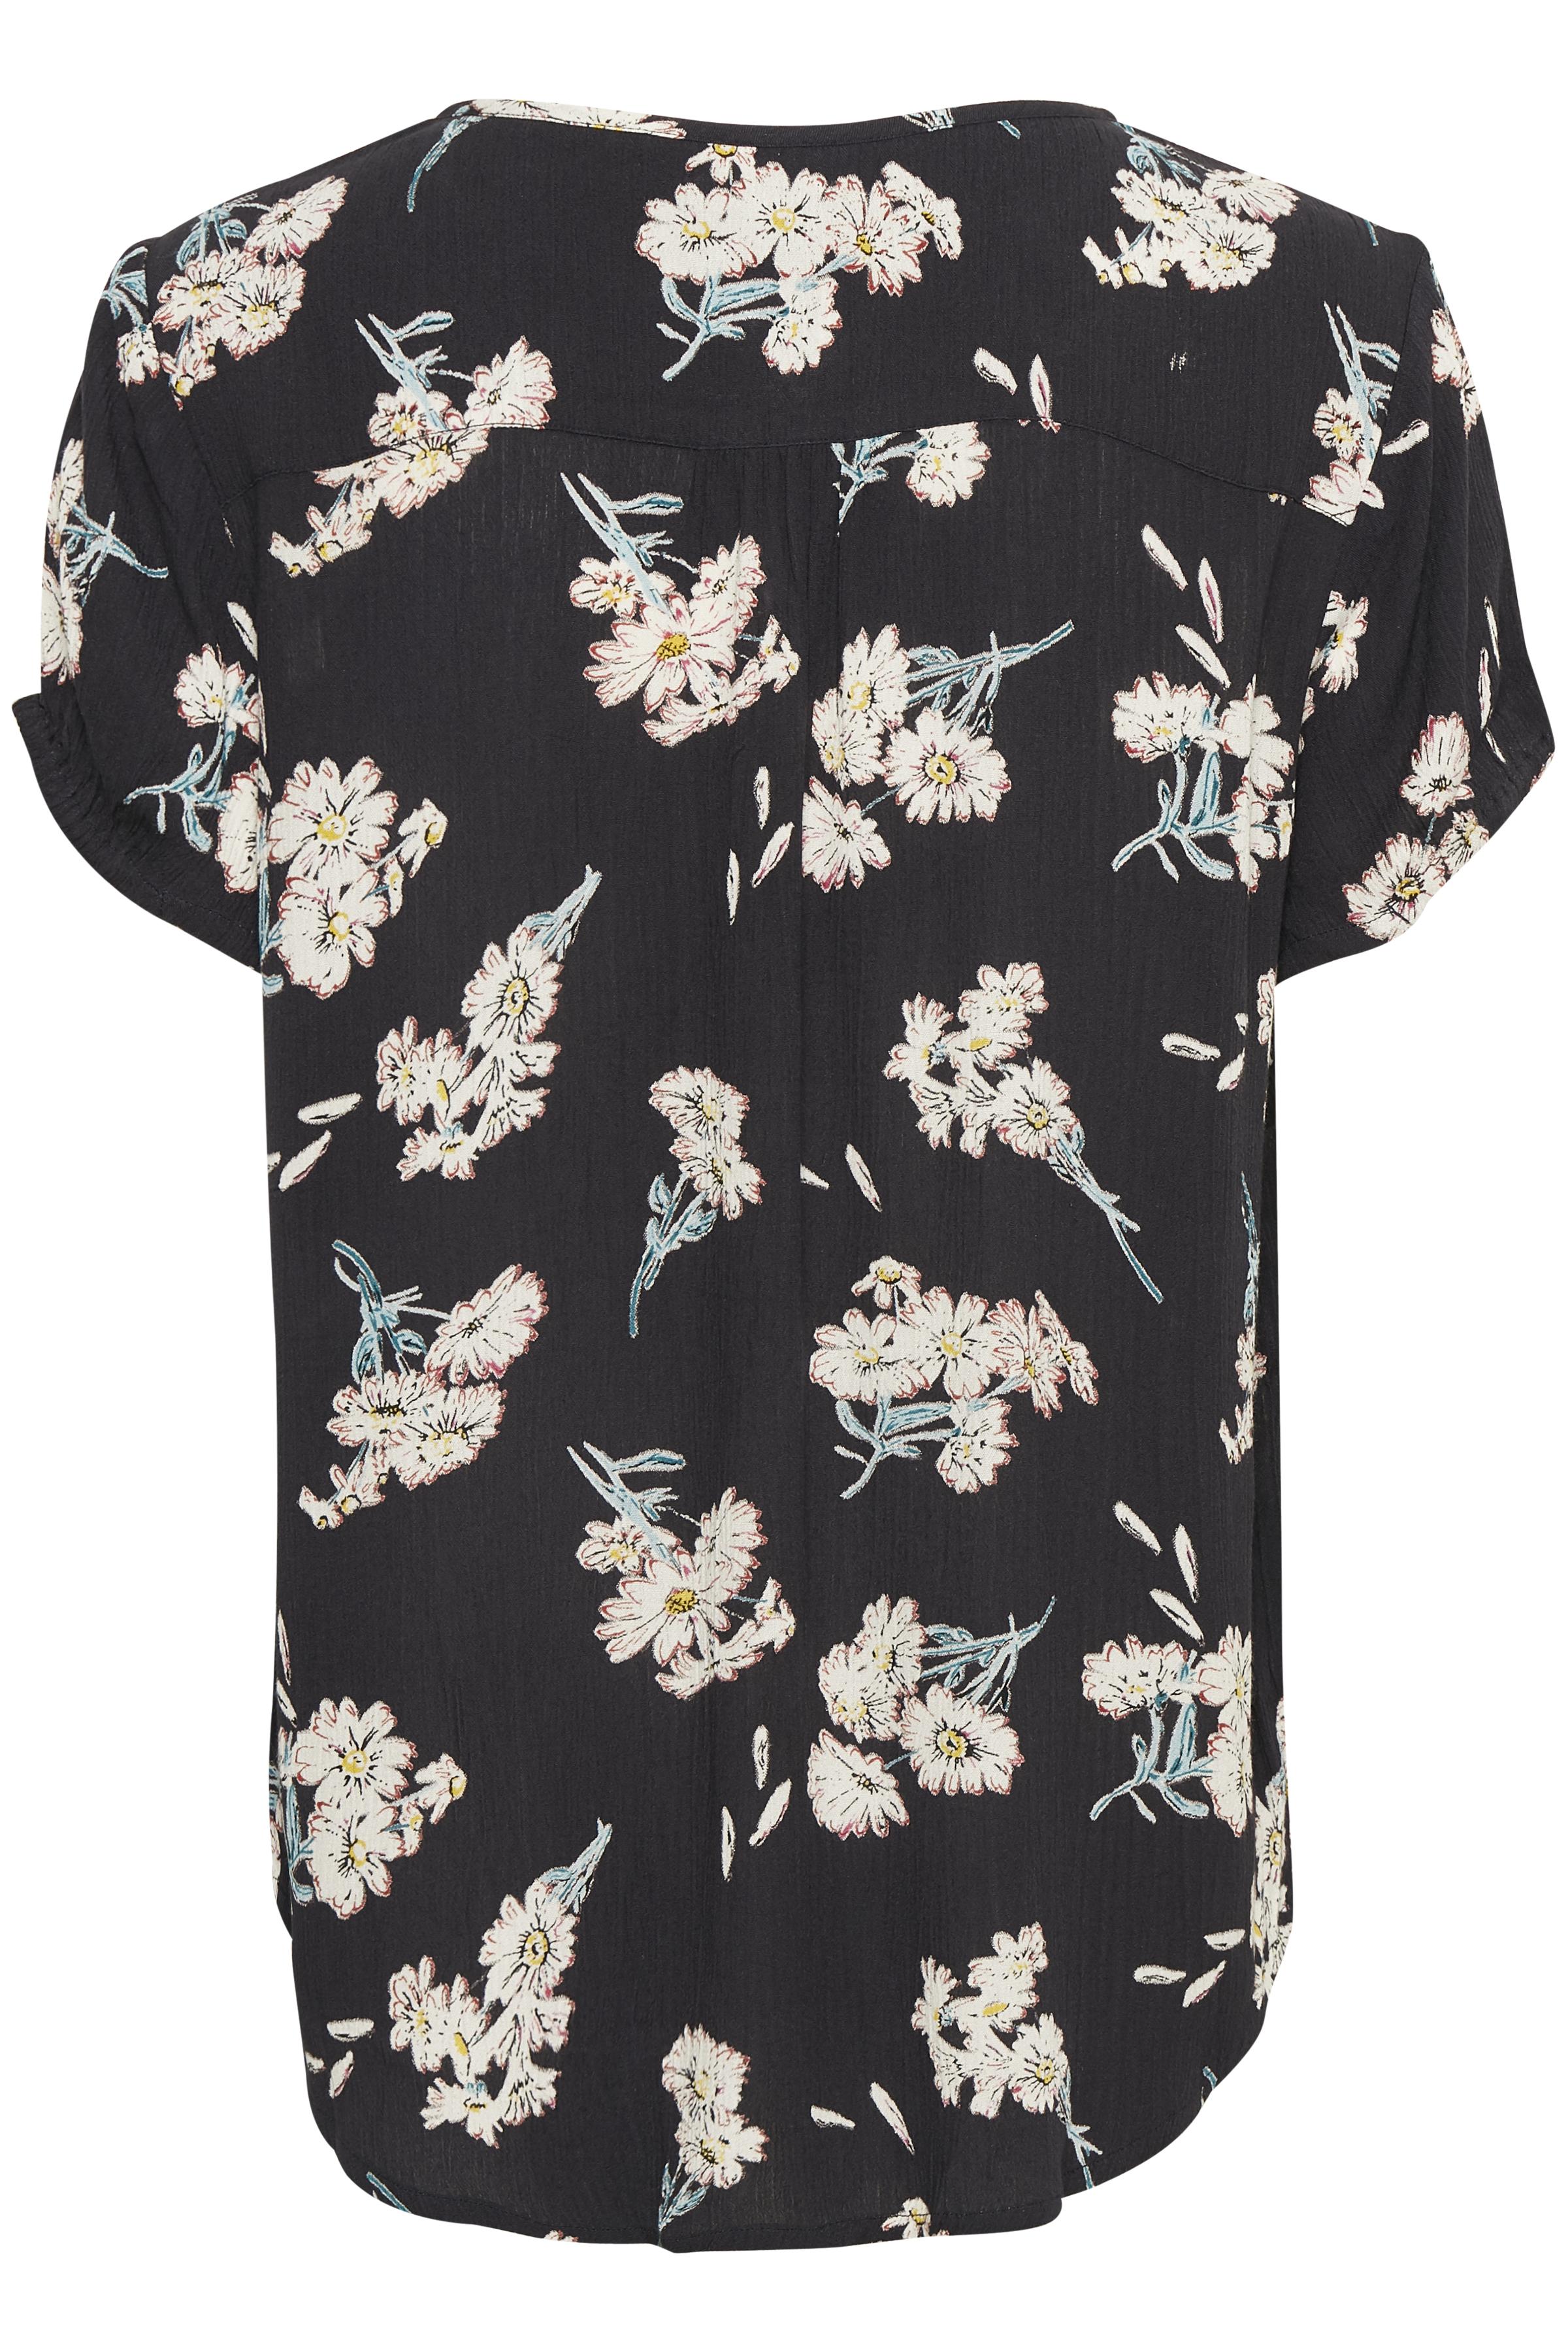 Mørk marineblå/rosa Kortærmet bluse  fra Bon'A Parte – Køb Mørk marineblå/rosa Kortærmet bluse  fra str. S-2XL her